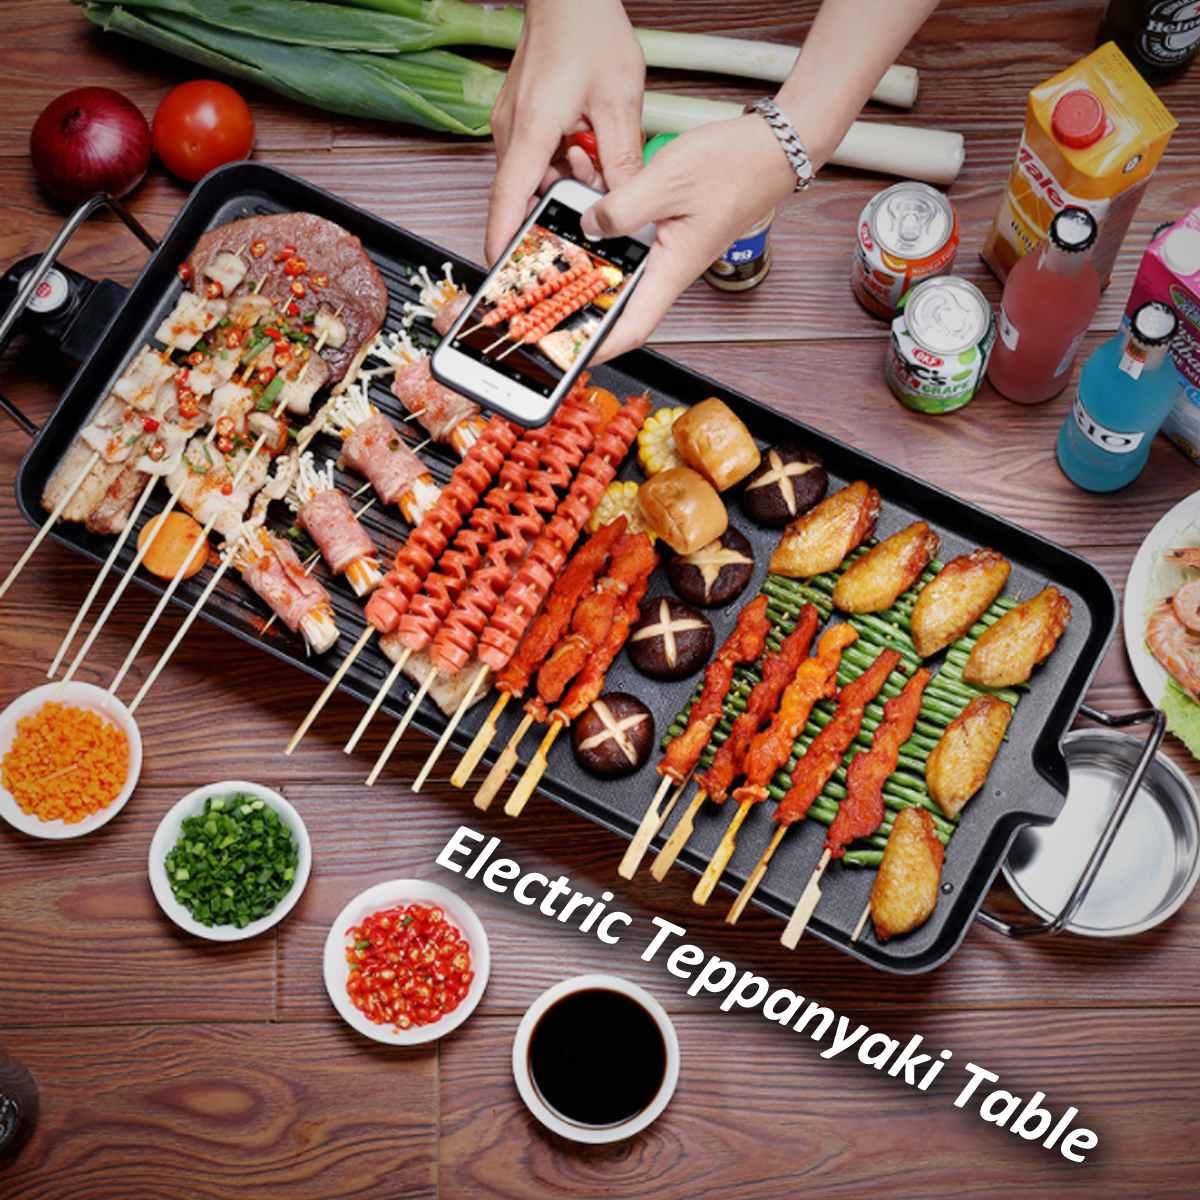 Table de Teppanyaki électrique antiadhésive de température réglable de gril de Barbecue électrique sans fumée portatif pour le Camping de partie de dîner